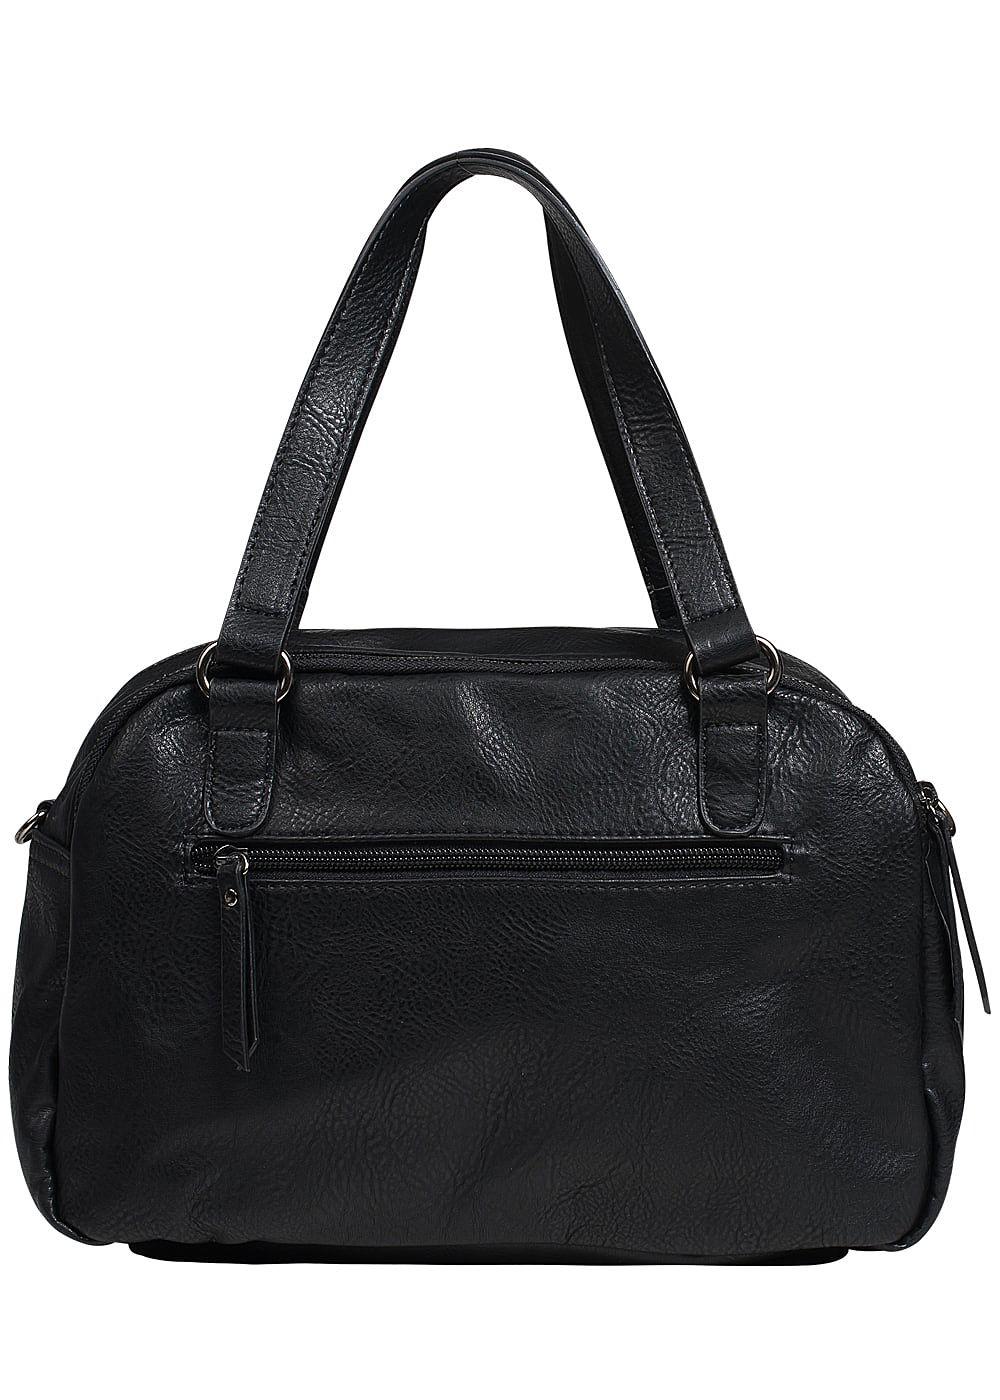 zabaione damen kunstleder handtasche 2 zip taschen schwarz silber 77onlineshop. Black Bedroom Furniture Sets. Home Design Ideas